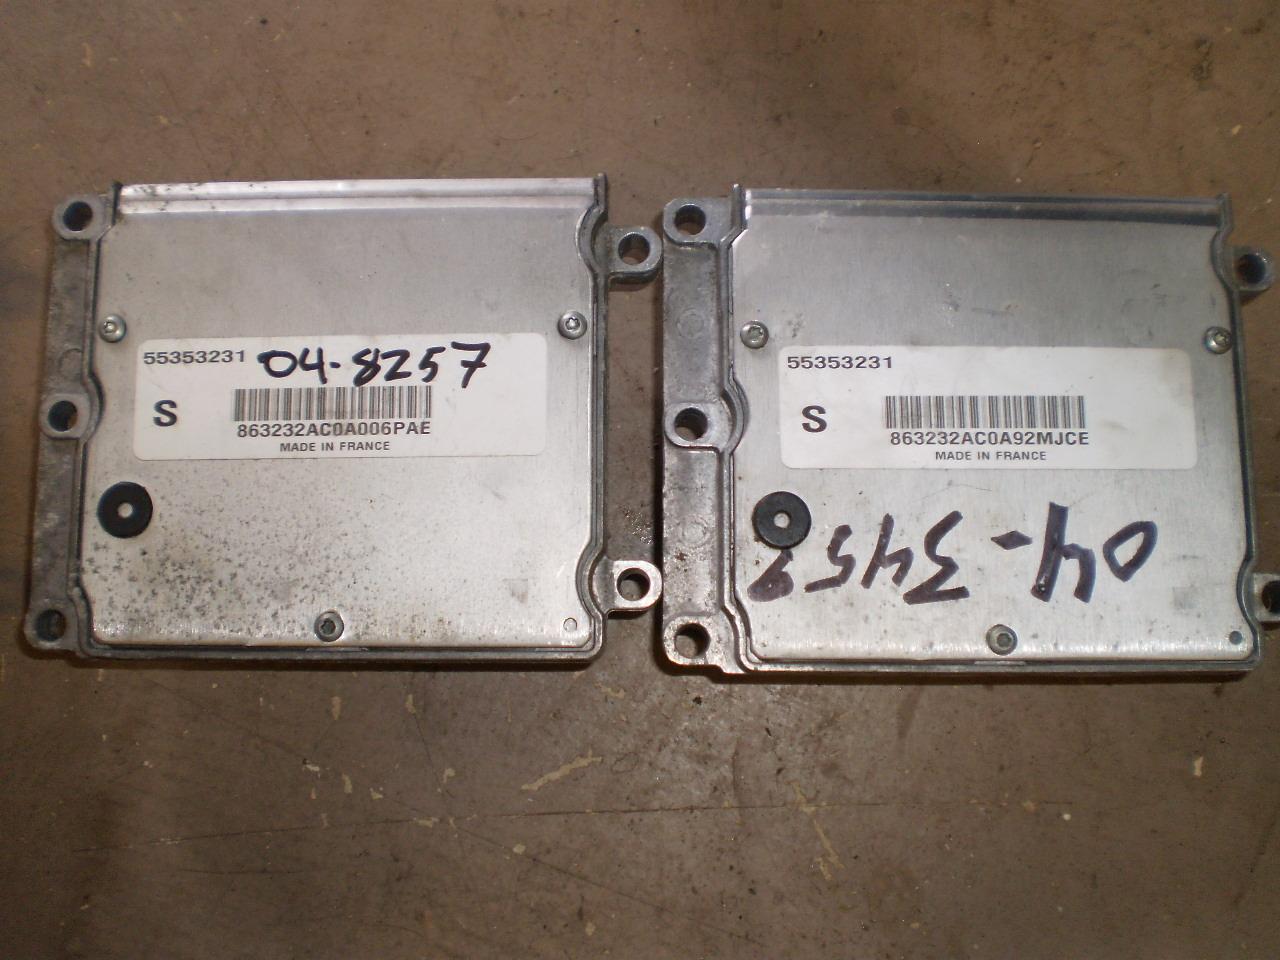 2004 SAAB 9-3 ECM 2.0L (04-05)